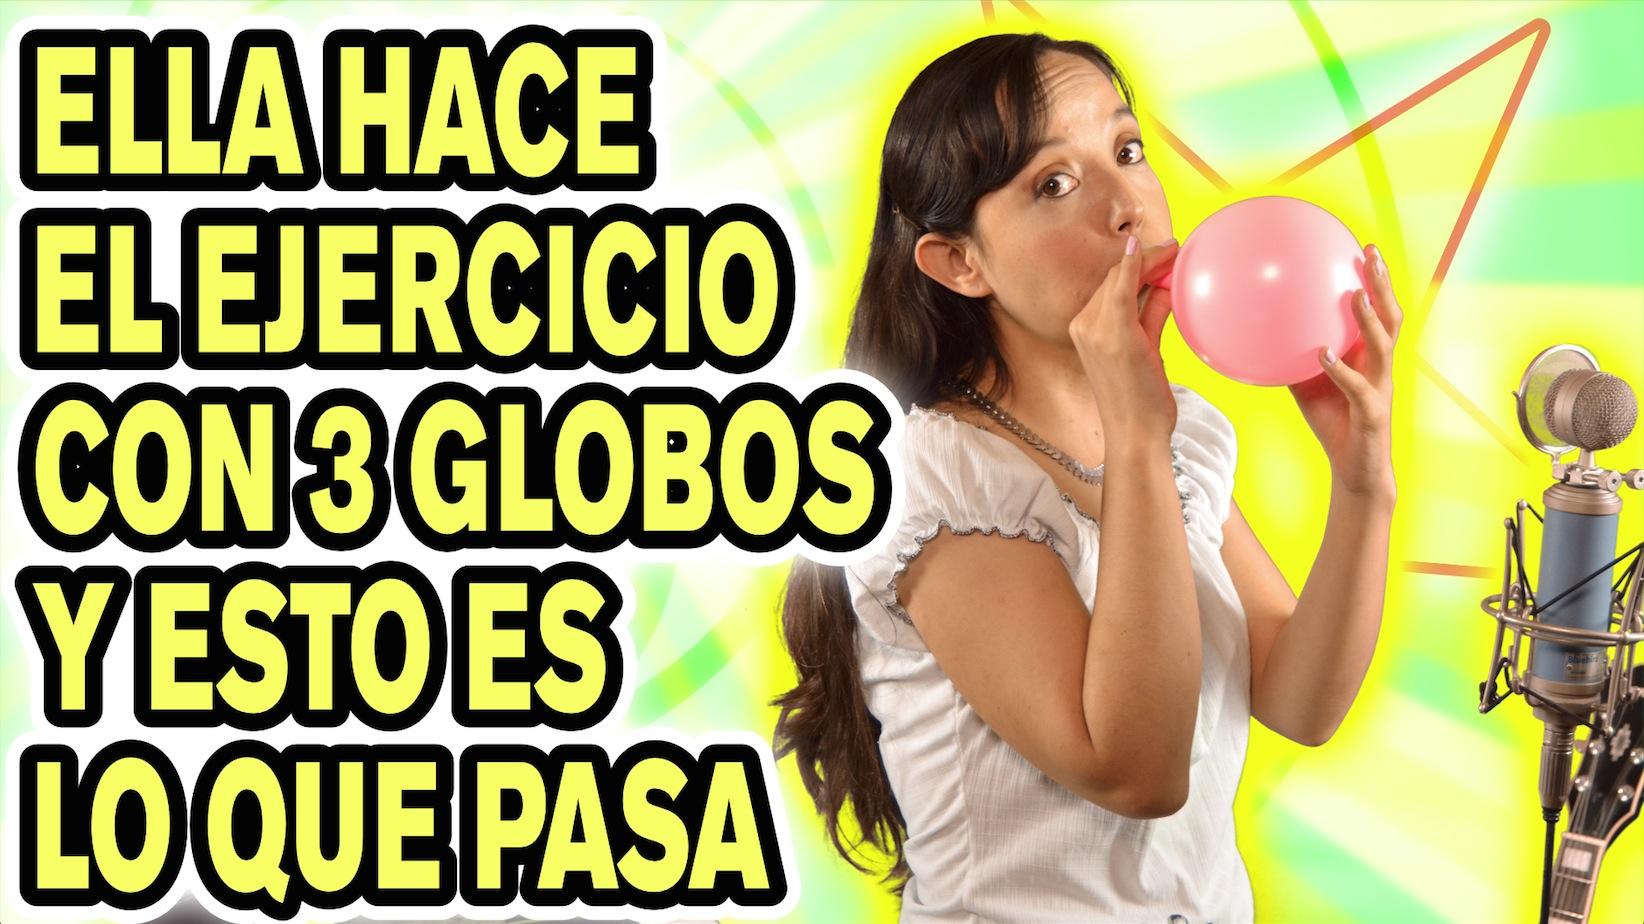 Ejercicios de respiración con globos